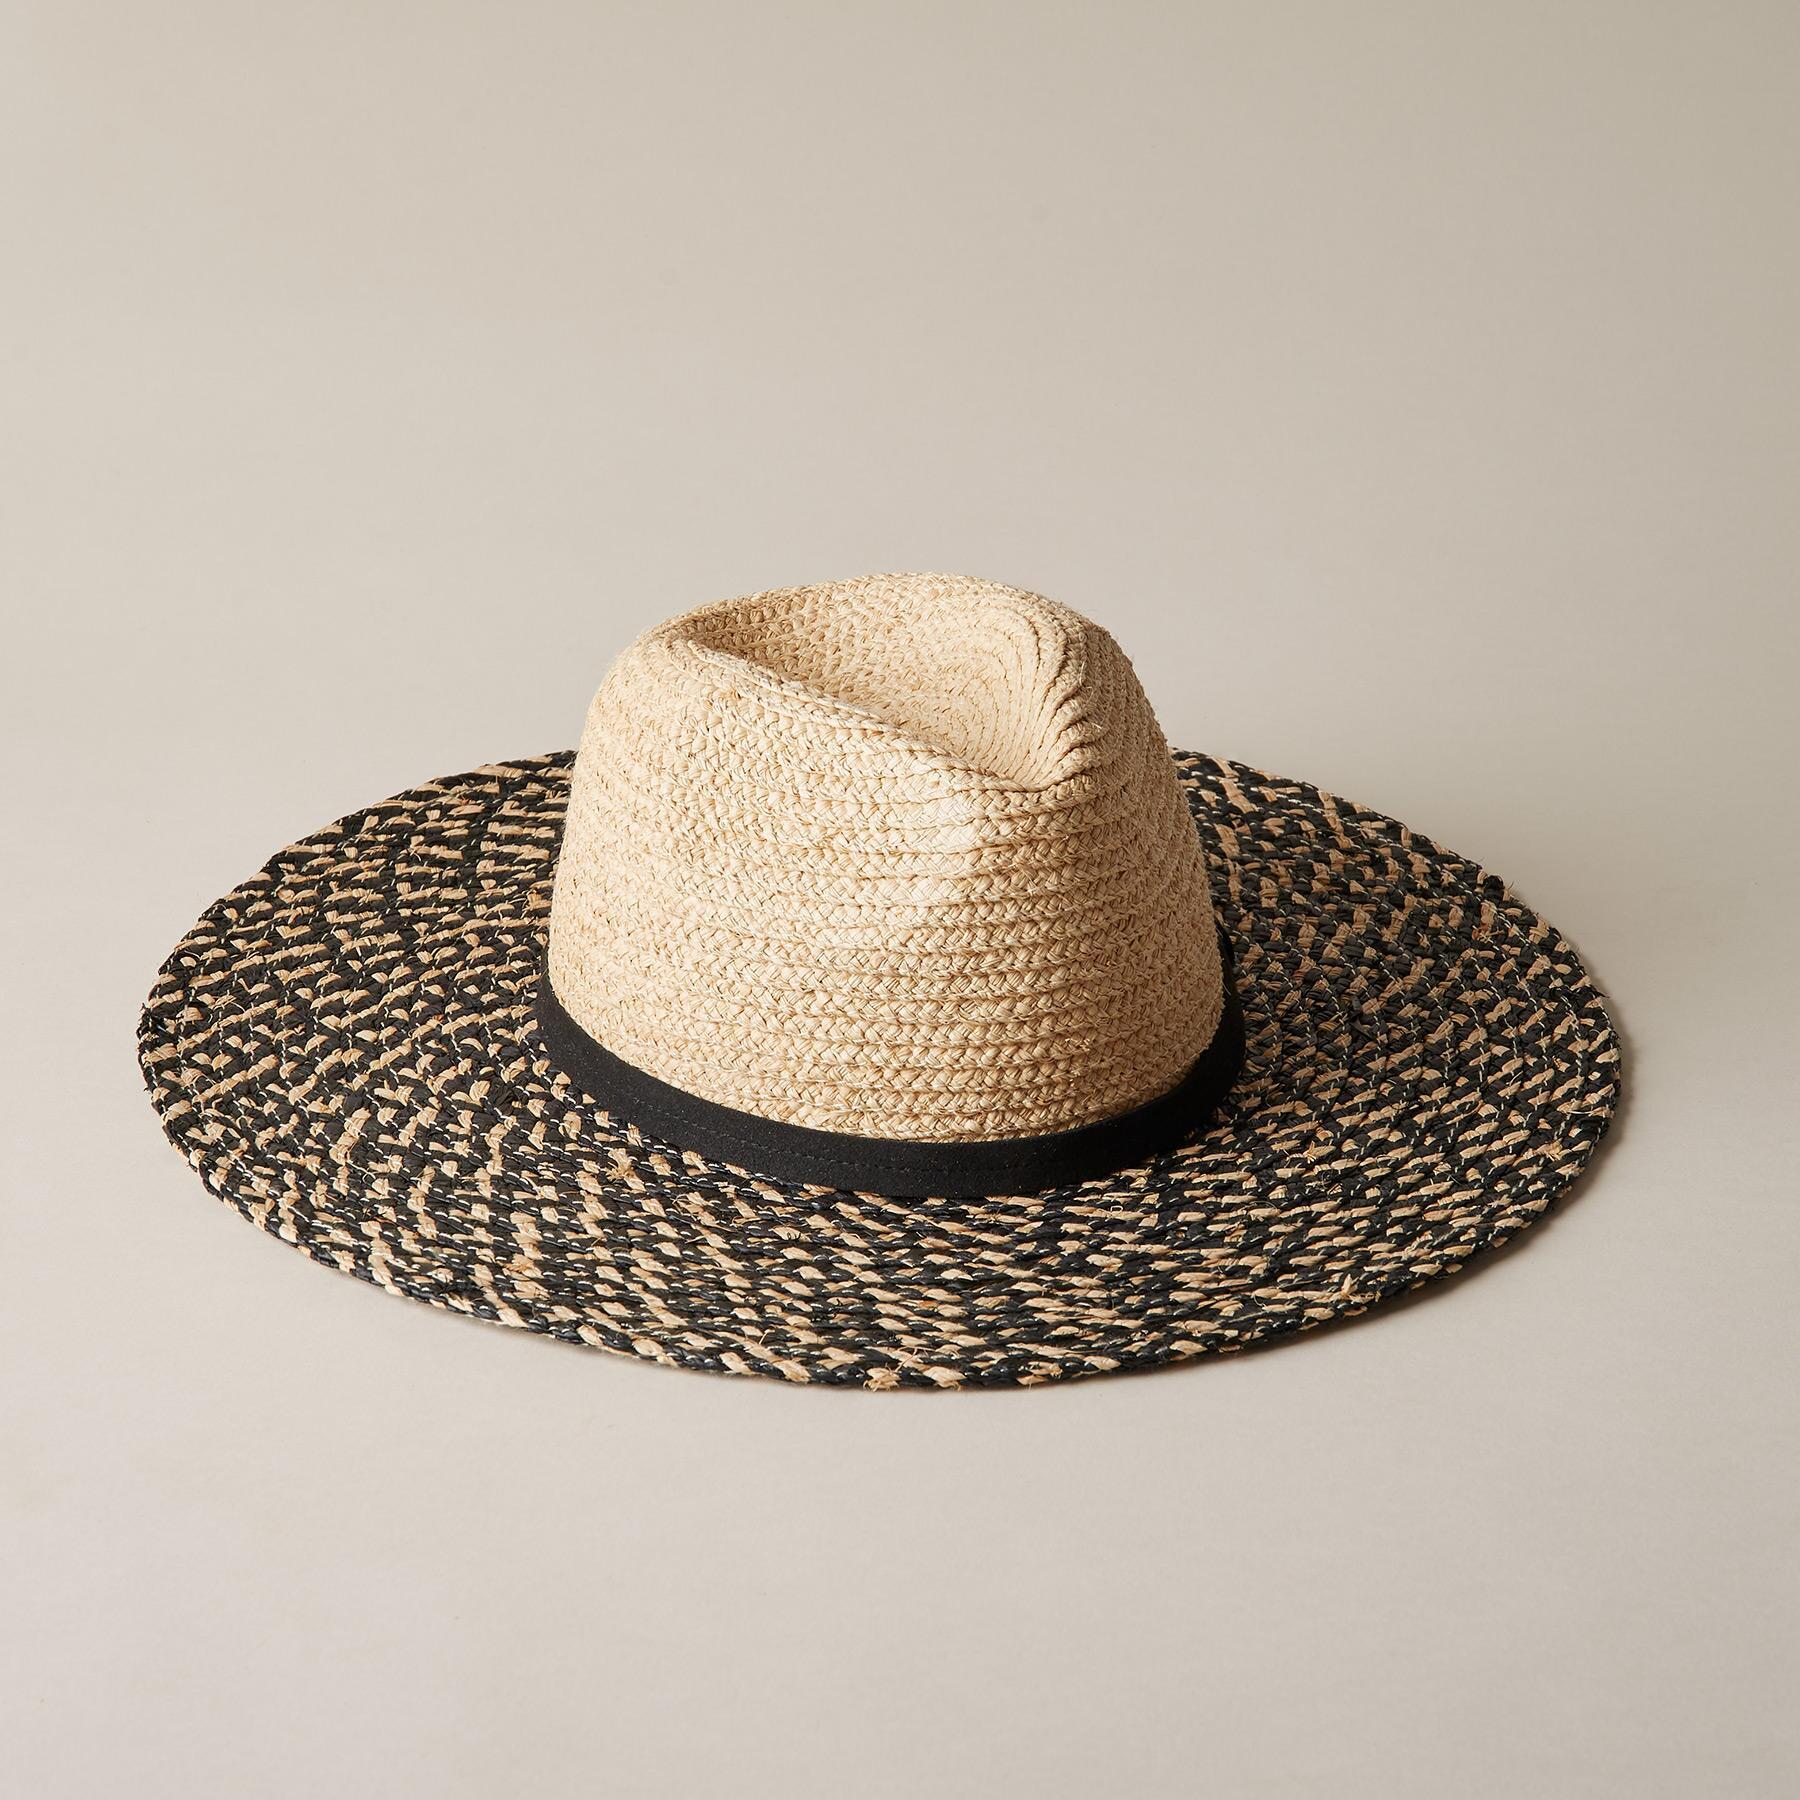 INGRID HAT: View 1